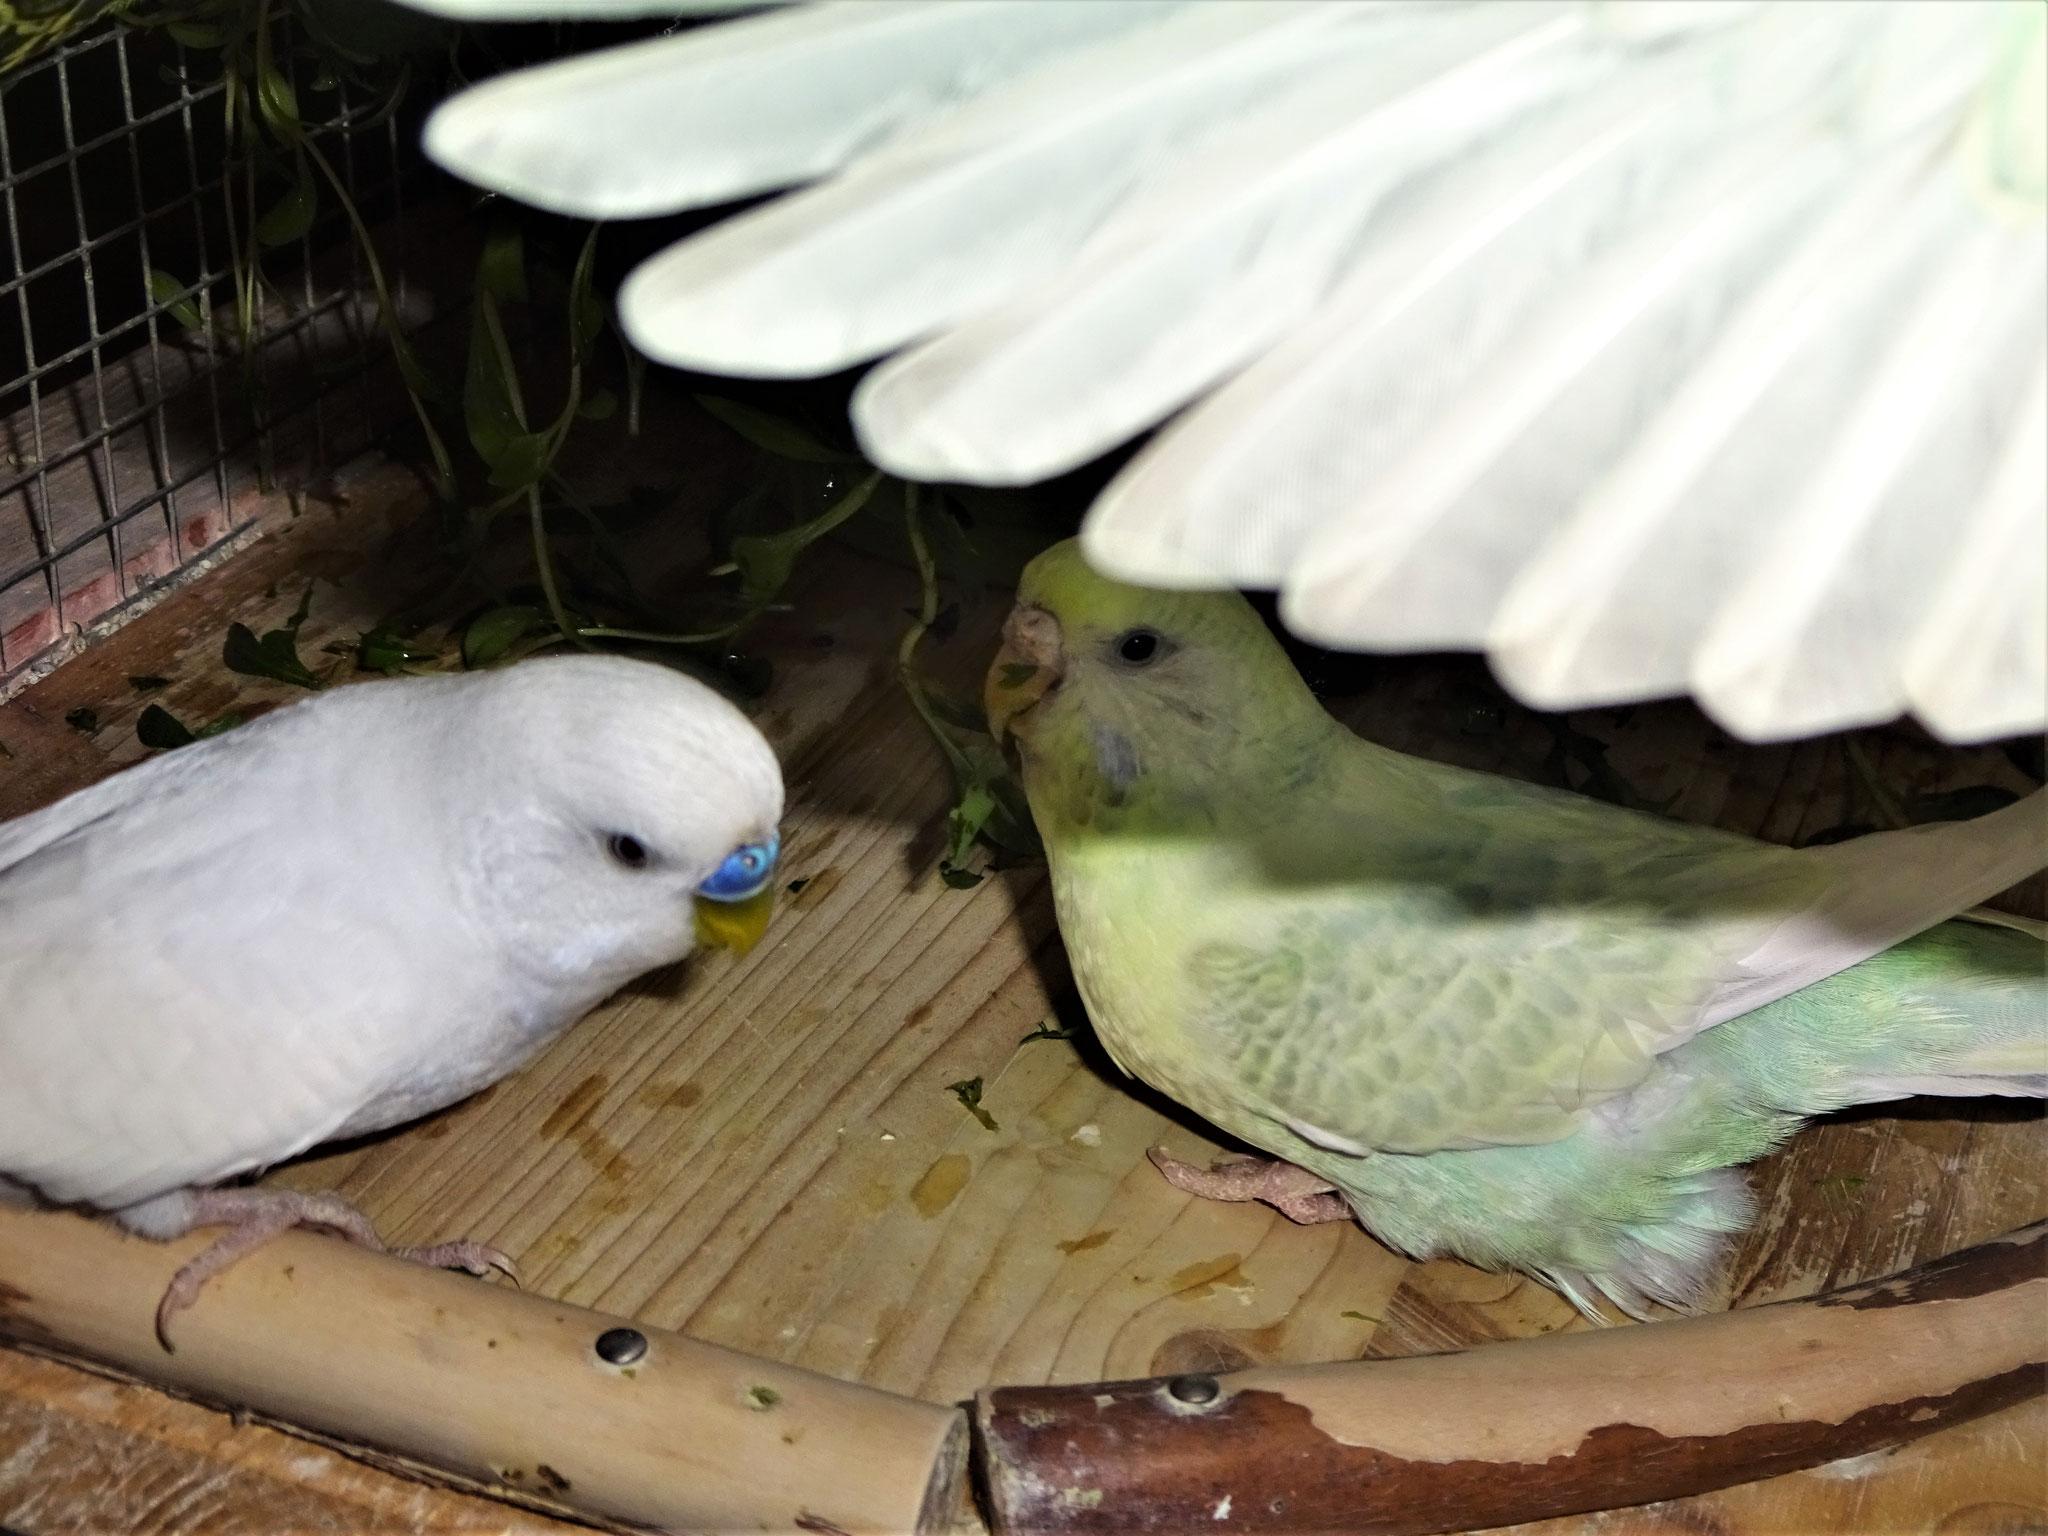 Virgil ind Flocke unter´m Flügeldach